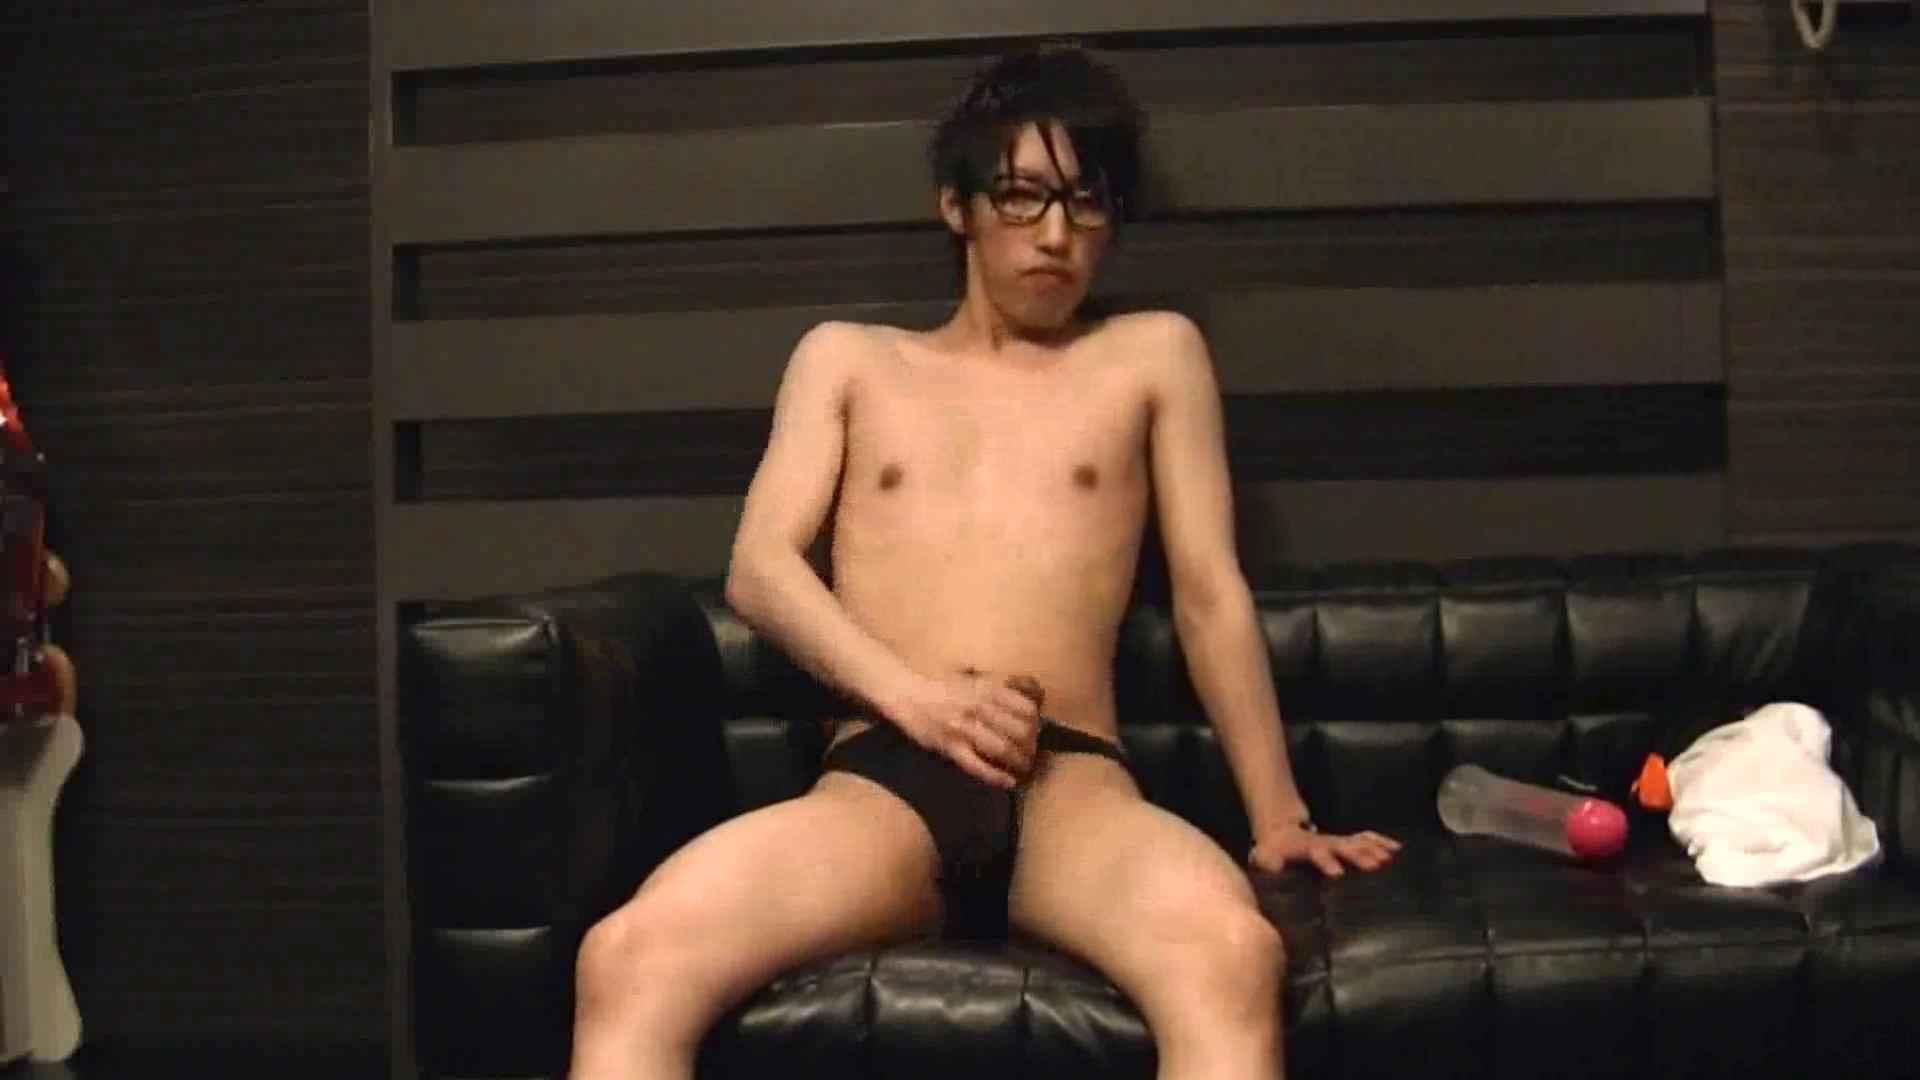 ONA見せカーニバル!! Vol3 ゲイのオナニー映像 | 男祭り  103枚 45